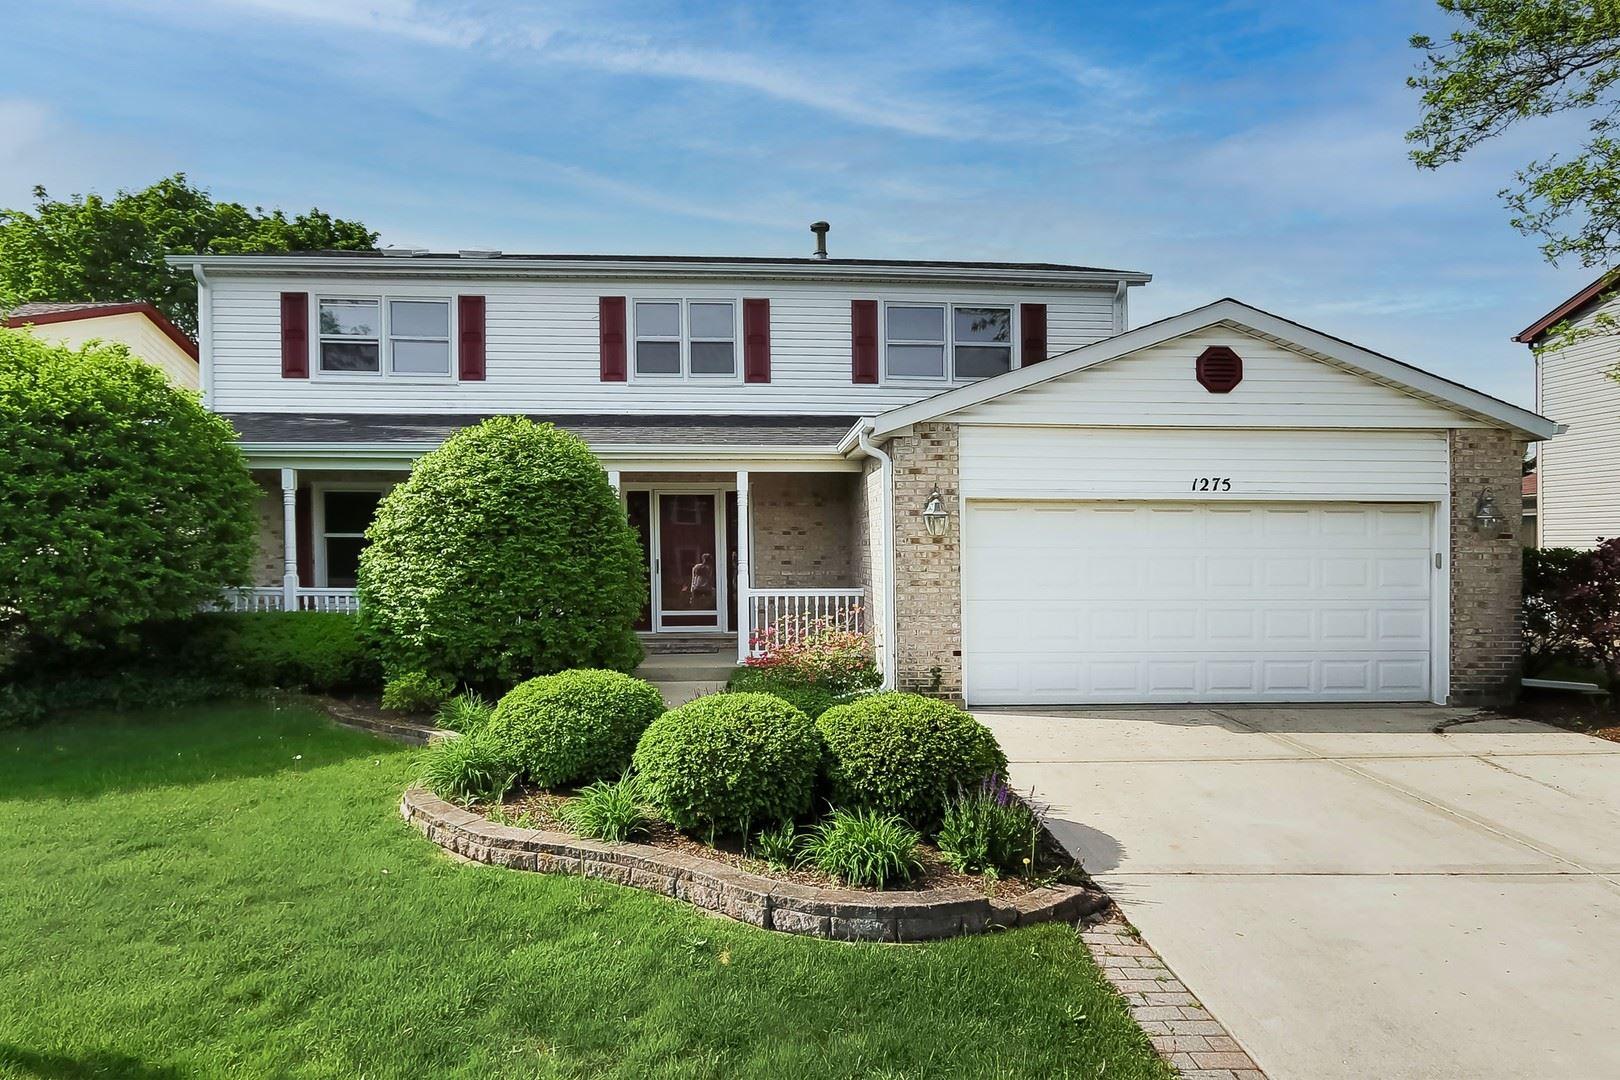 1275 W DOVINGTON Drive, Hoffman Estates, IL 60169 - #: 11120222